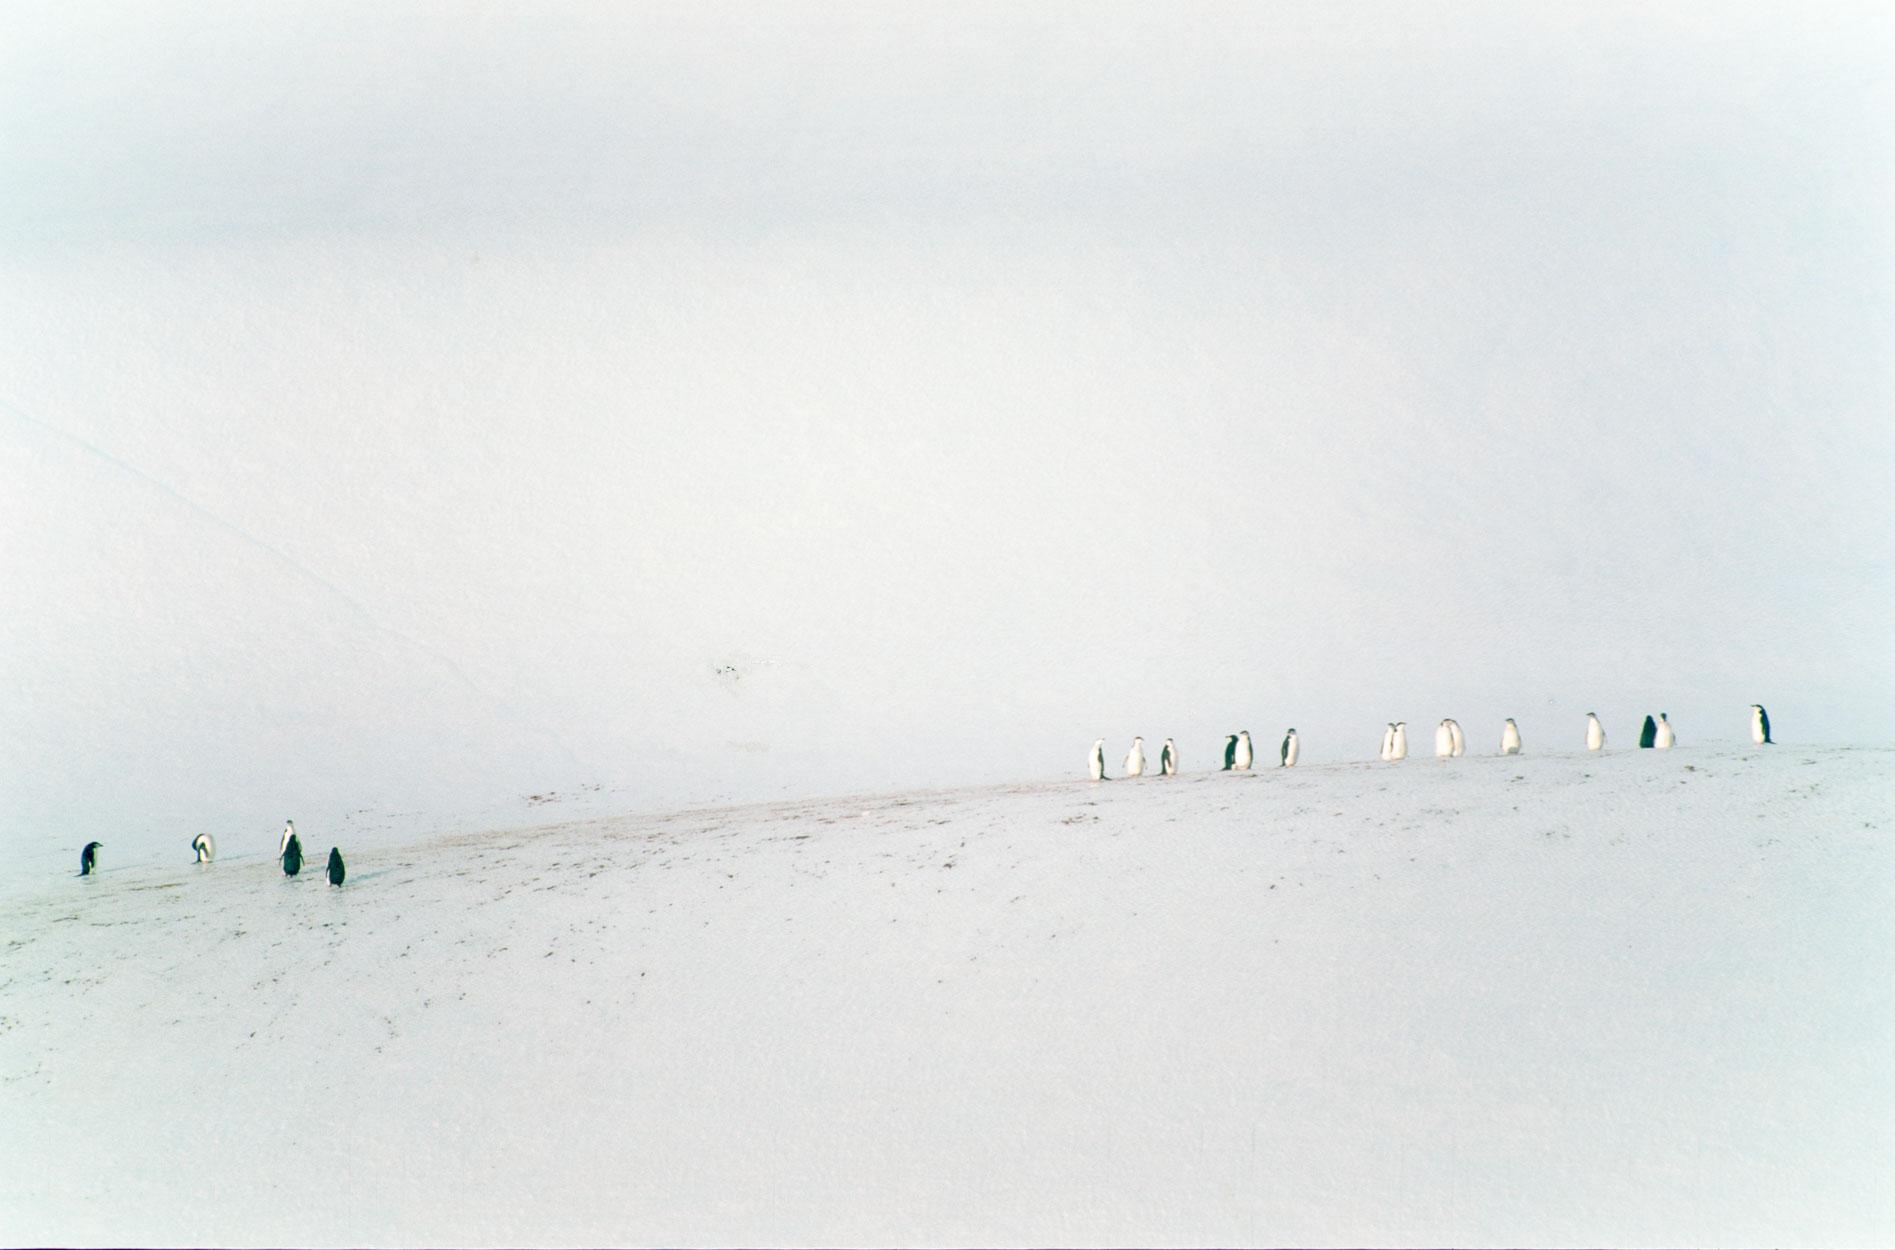 pinguineeis7.jpg